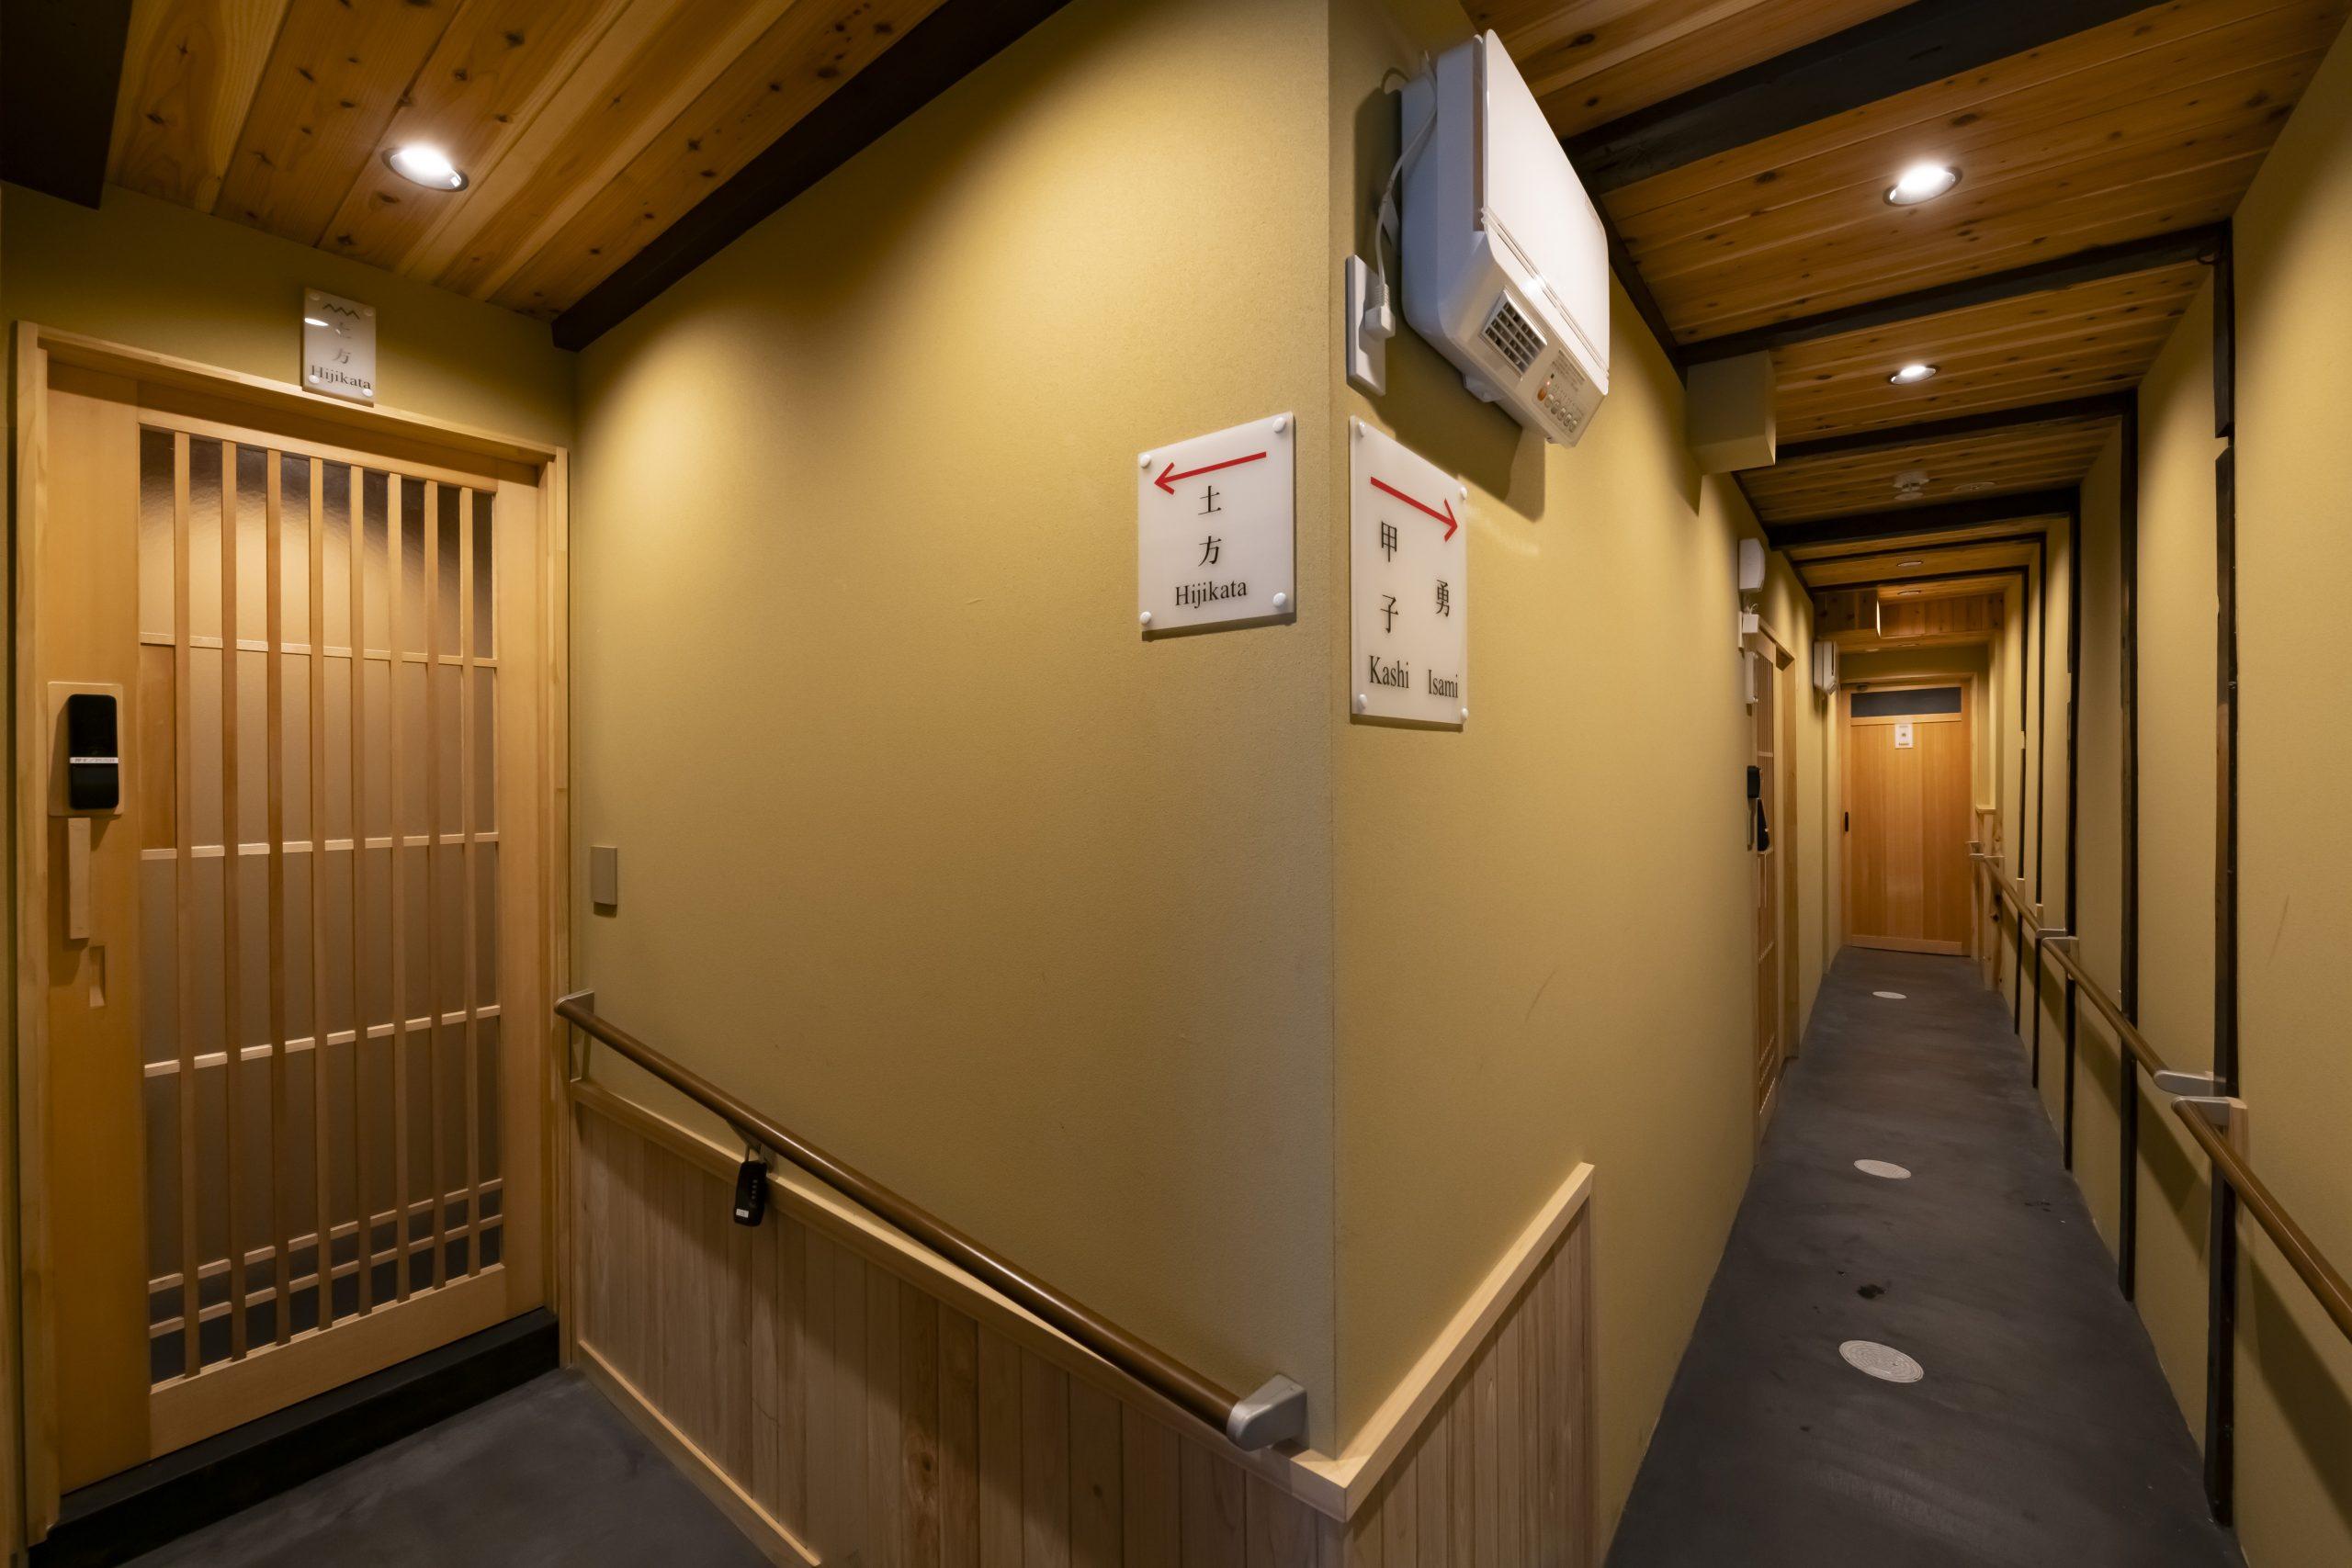 本宿の内廊下は、オゾン発生装置が完備されておるので感染症の感染リスクを抑えられております。